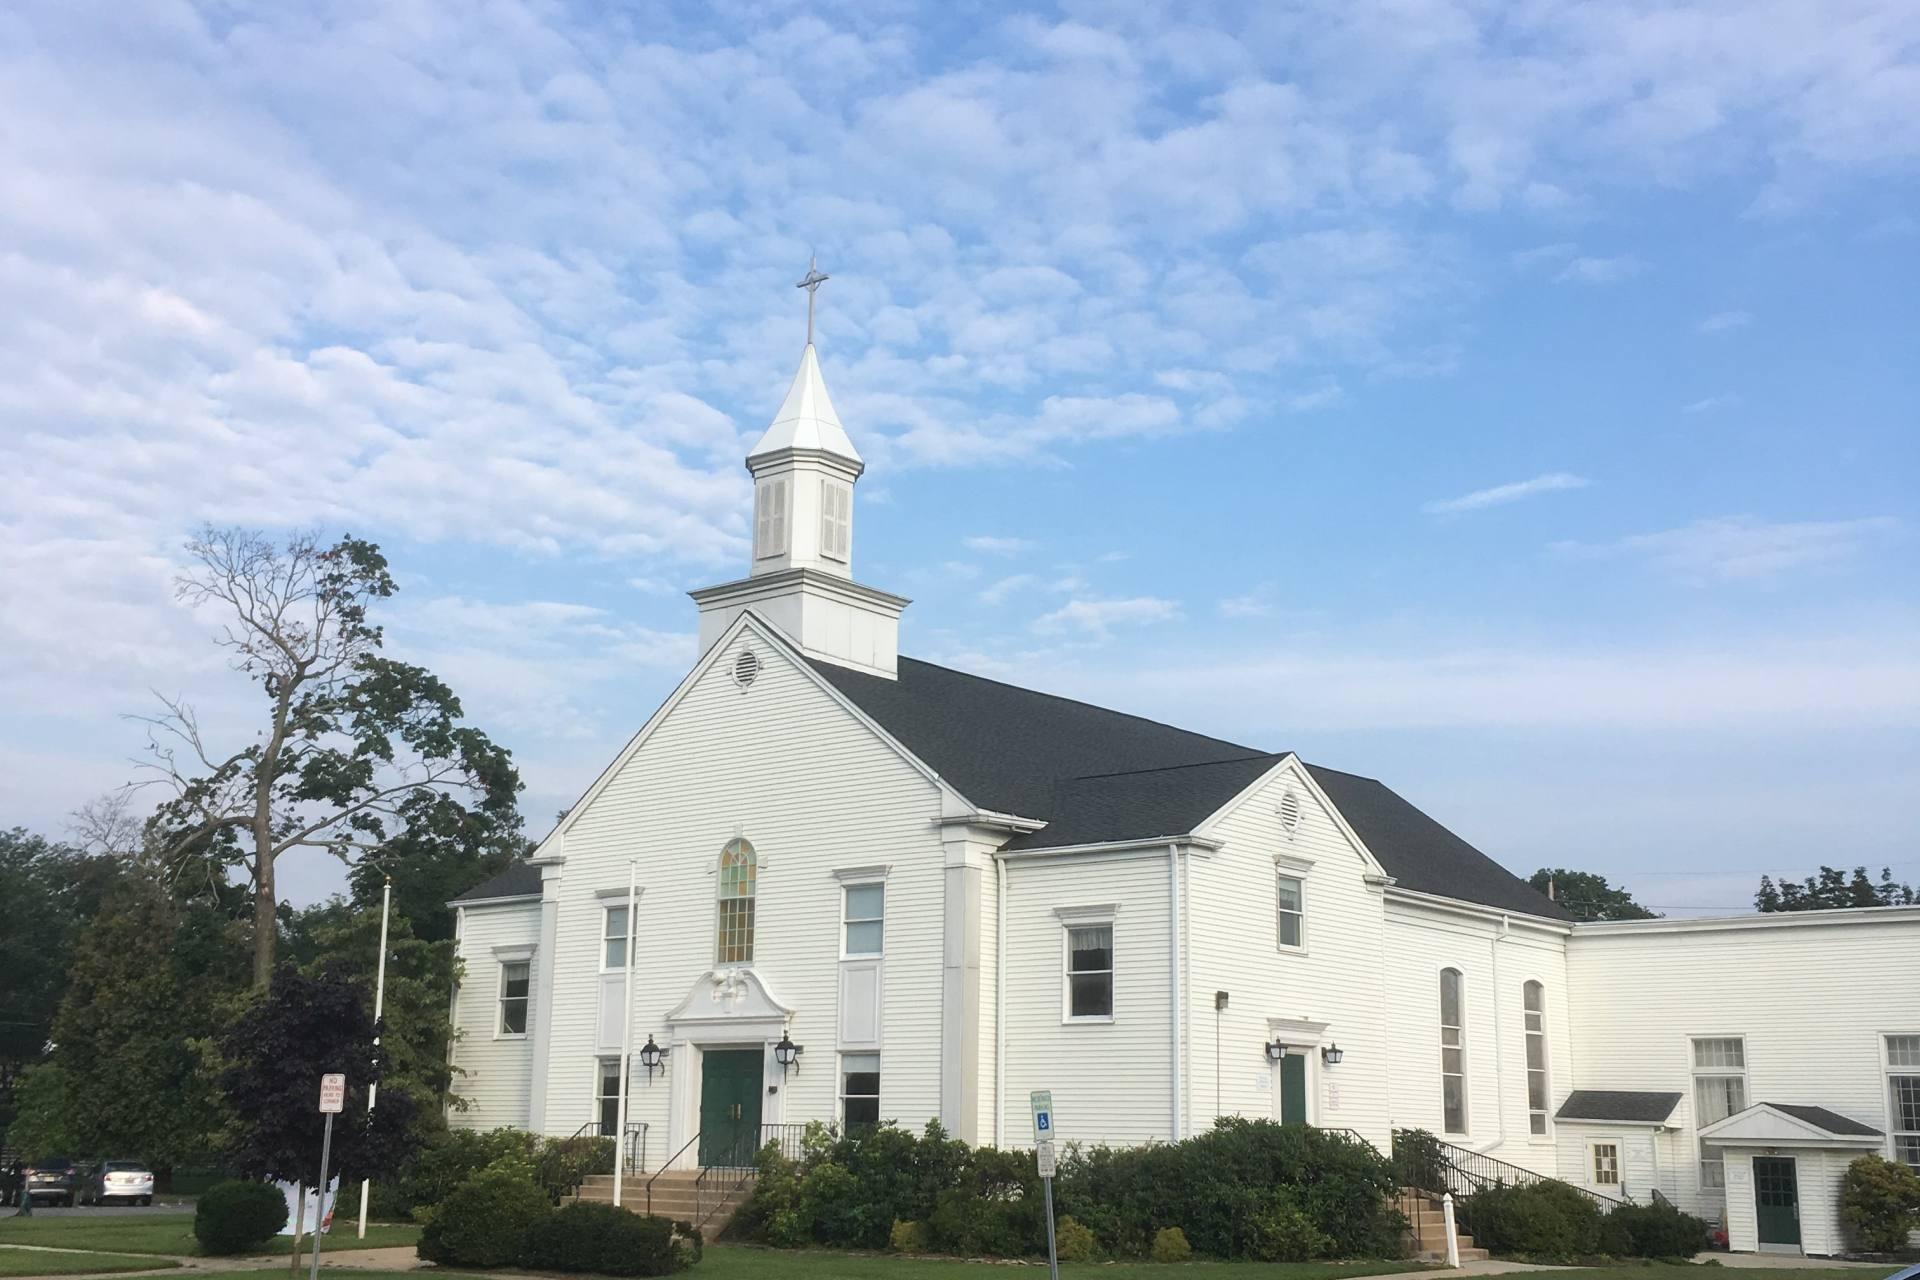 First Presbyterian Church of Dunellen